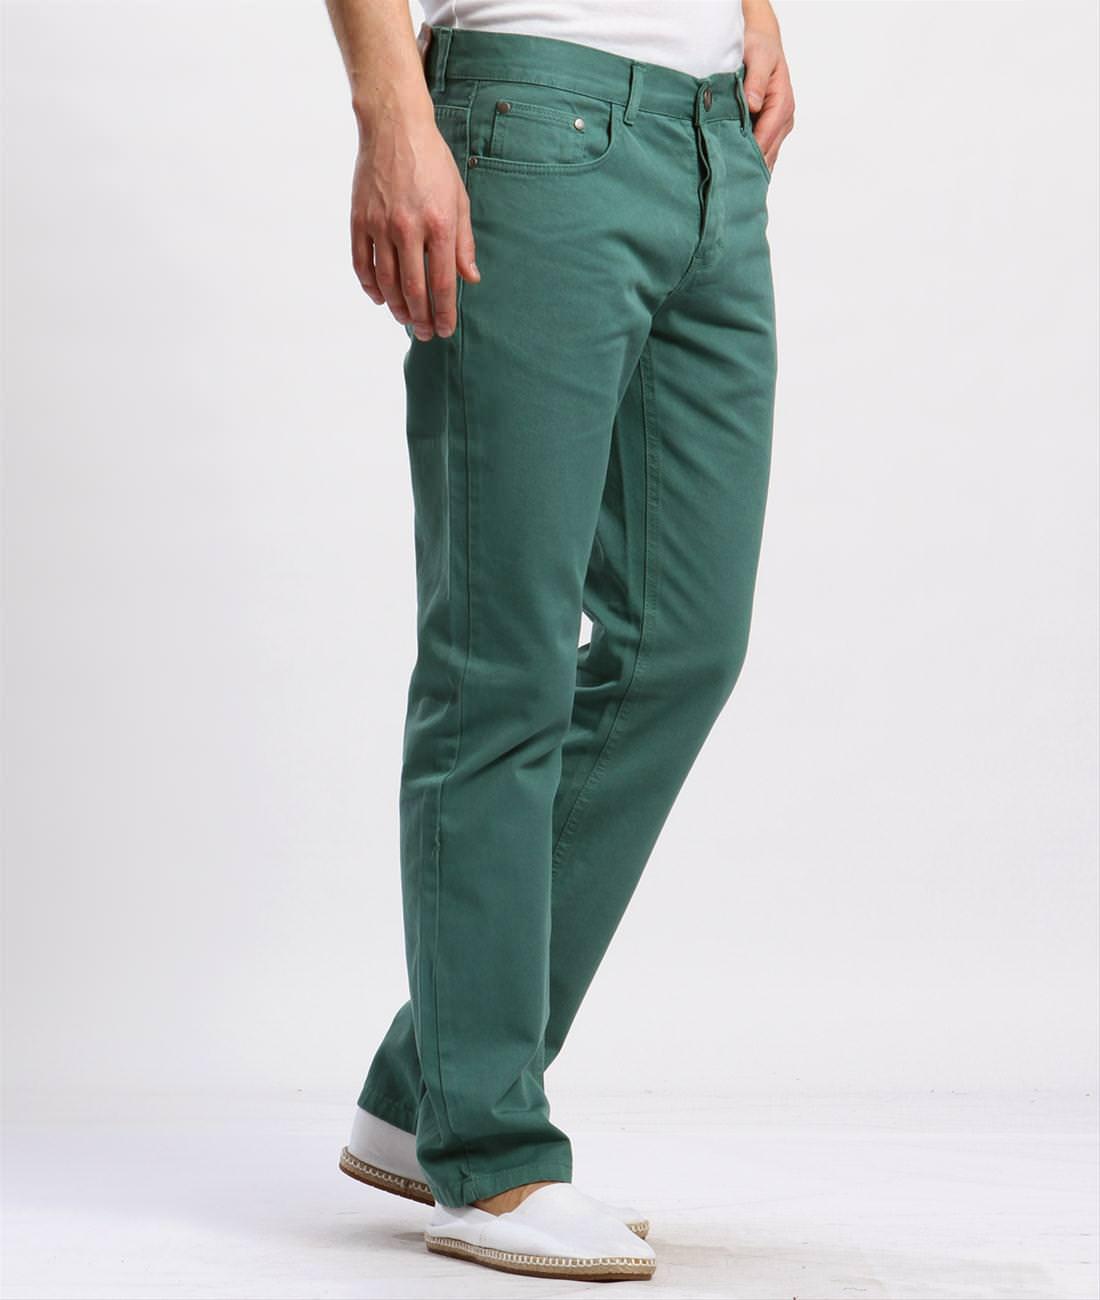 2013-colins-bayan-pantolonlar